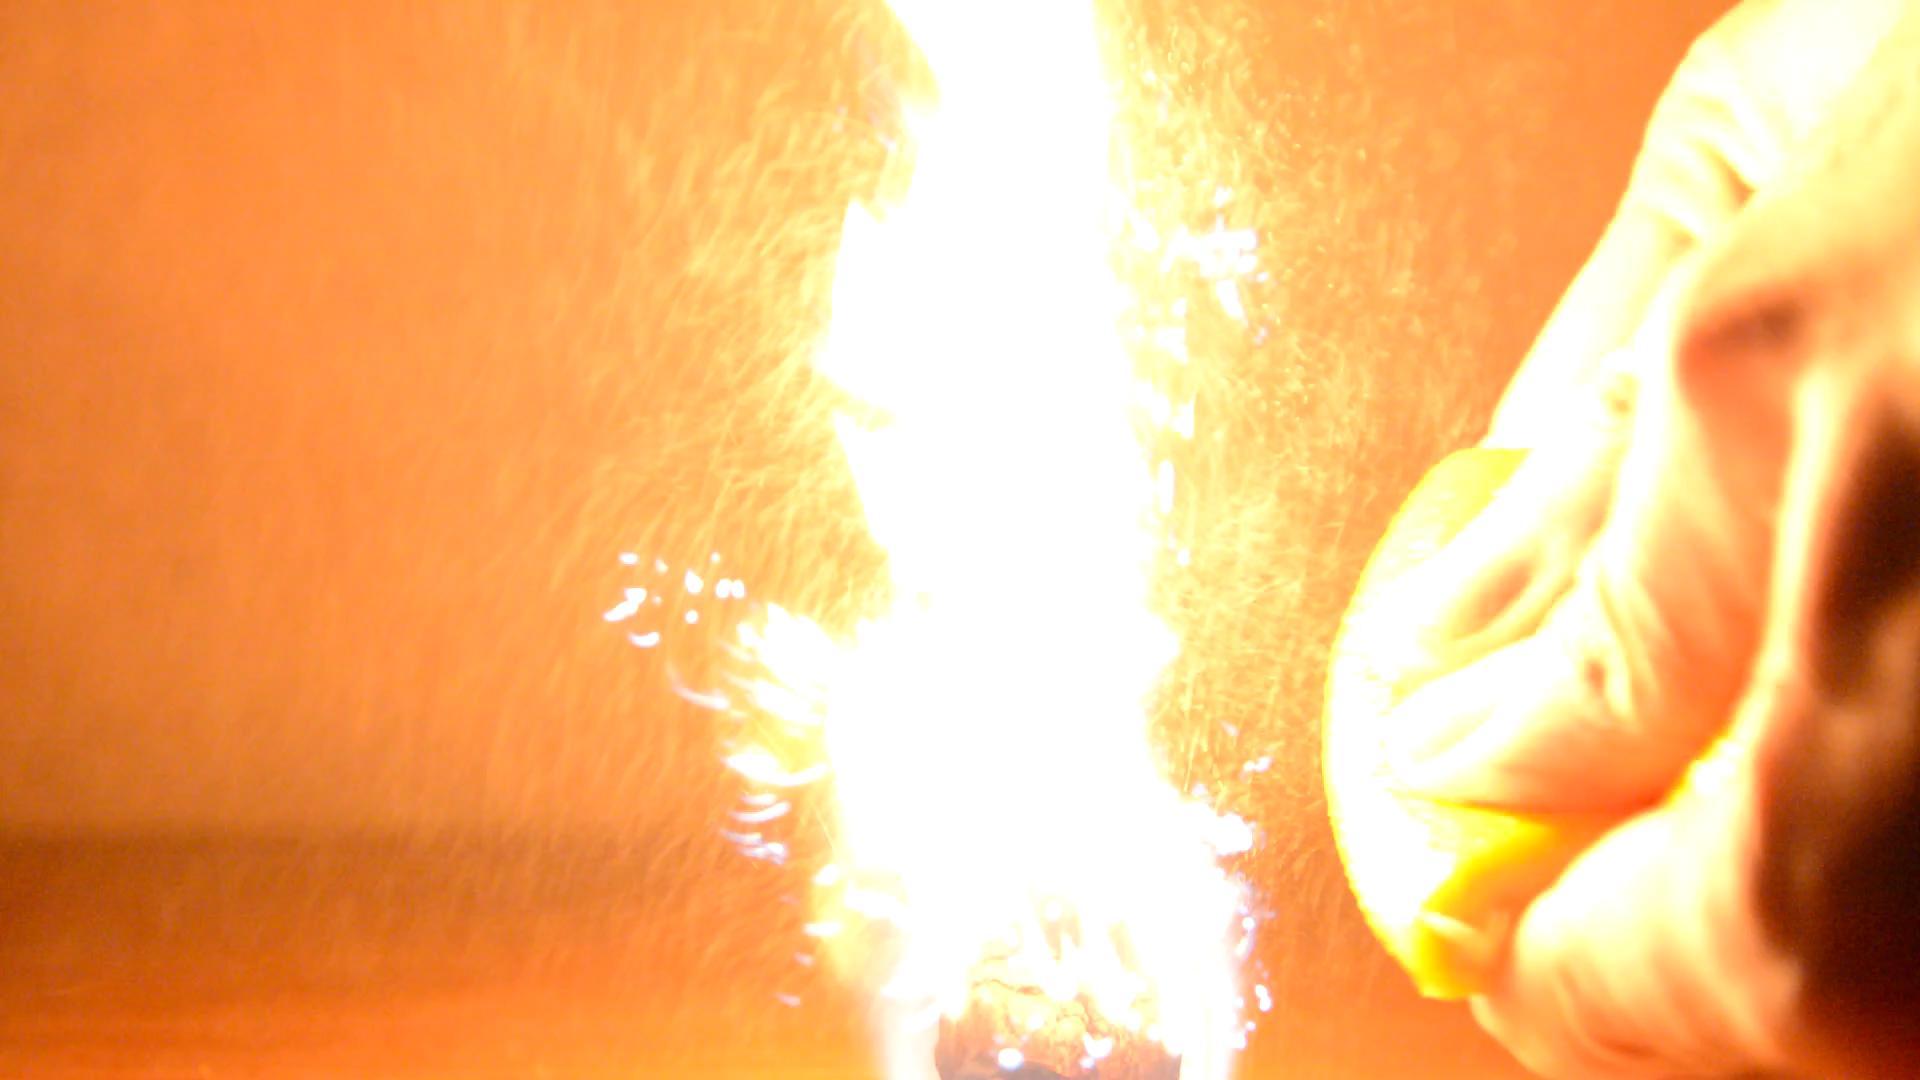 Апельсиновая кожура и огонь